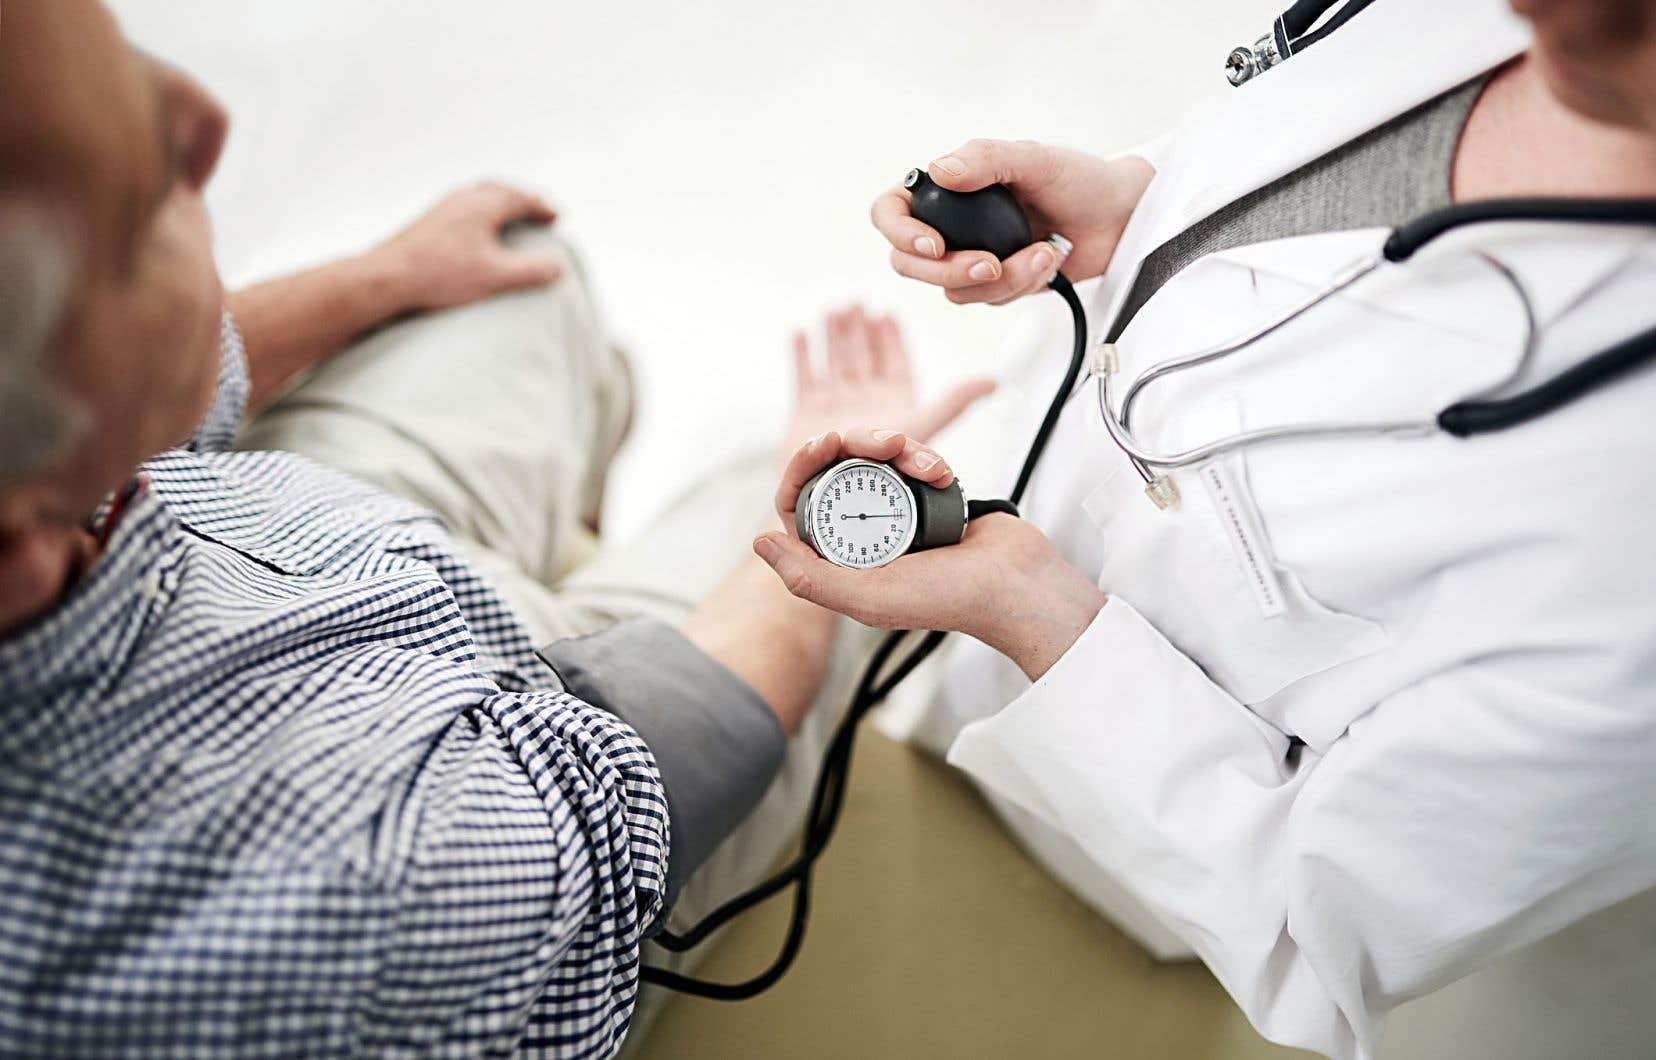 Des études ont montré que le sarrau que porte le médecin, le stéthoscope autour de son cou évoquent la connaissance et l'autorité médicales et vont générer une série d'attentes inconscientes quant à l'efficacité du traitement.